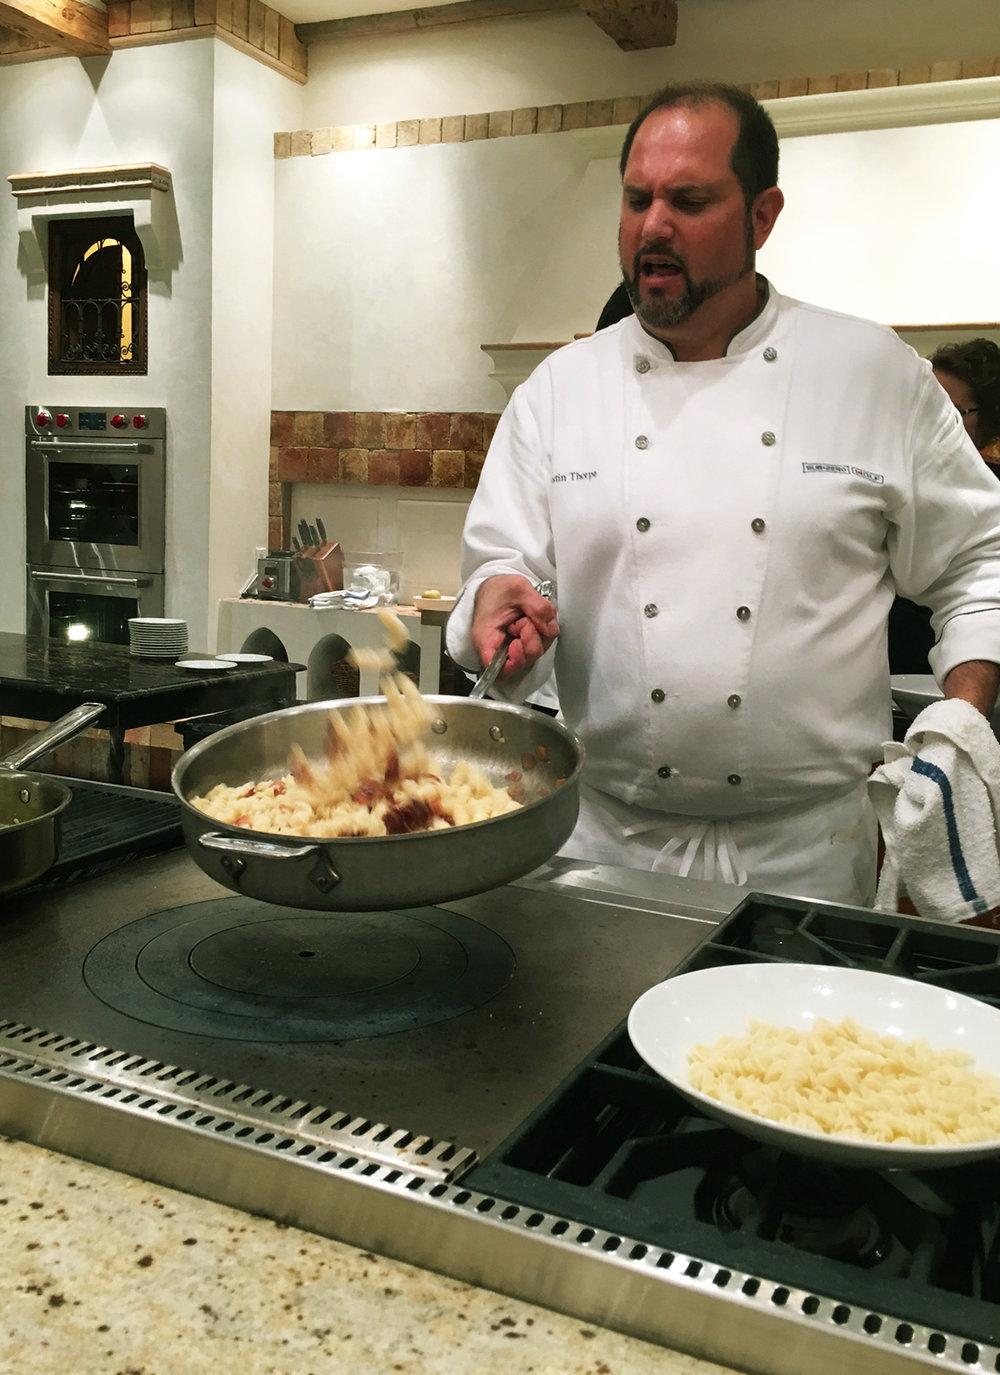 """Justin Thorpe, chef cuisinier, préparant la pasta sans gluten à la carbonara! /                        Normal   0       21       false   false   false     FR-CA   JA   X-NONE                                                                                                                                                                                                                                                                                                                                                                              /* Style Definitions */ table.MsoNormalTable {mso-style-name:""""Tableau Normal""""; mso-tstyle-rowband-size:0; mso-tstyle-colband-size:0; mso-style-noshow:yes; mso-style-priority:99; mso-style-parent:""""""""; mso-padding-alt:0cm 5.4pt 0cm 5.4pt; mso-para-margin:0cm; mso-para-margin-bottom:.0001pt; mso-pagination:widow-orphan; font-size:10.0pt; font-family:Times;}        Justin Thorpe, in-house chef, preparing the gluten free carbonara pasta!         Cours de cuisine réalisé à l'aide la fameuse table de cuisson française propre à Wolf. /                        Normal   0       21       false   false   false     FR-CA   JA   X-NONE                                                                                                                                                                                                                                                                                                                                                                              /* Style Definitions */ table.MsoNormalTable {mso-style-name:""""Tableau Normal""""; mso-tstyle-rowband-size:0; mso-tstyle-colband-size:0; mso-style-noshow:yes; mso-style-priority:99; mso-style-parent:""""""""; mso-padding-alt:0cm 5.4pt 0cm 5.4pt; mso-para-margin:0cm; mso-para-margin-bottom:.0001pt; mso-pagination:widow-orphan; font-size:10.0pt; font-family:Times;}        Cooking lessons using the famous Wolf French Top cooking surface."""